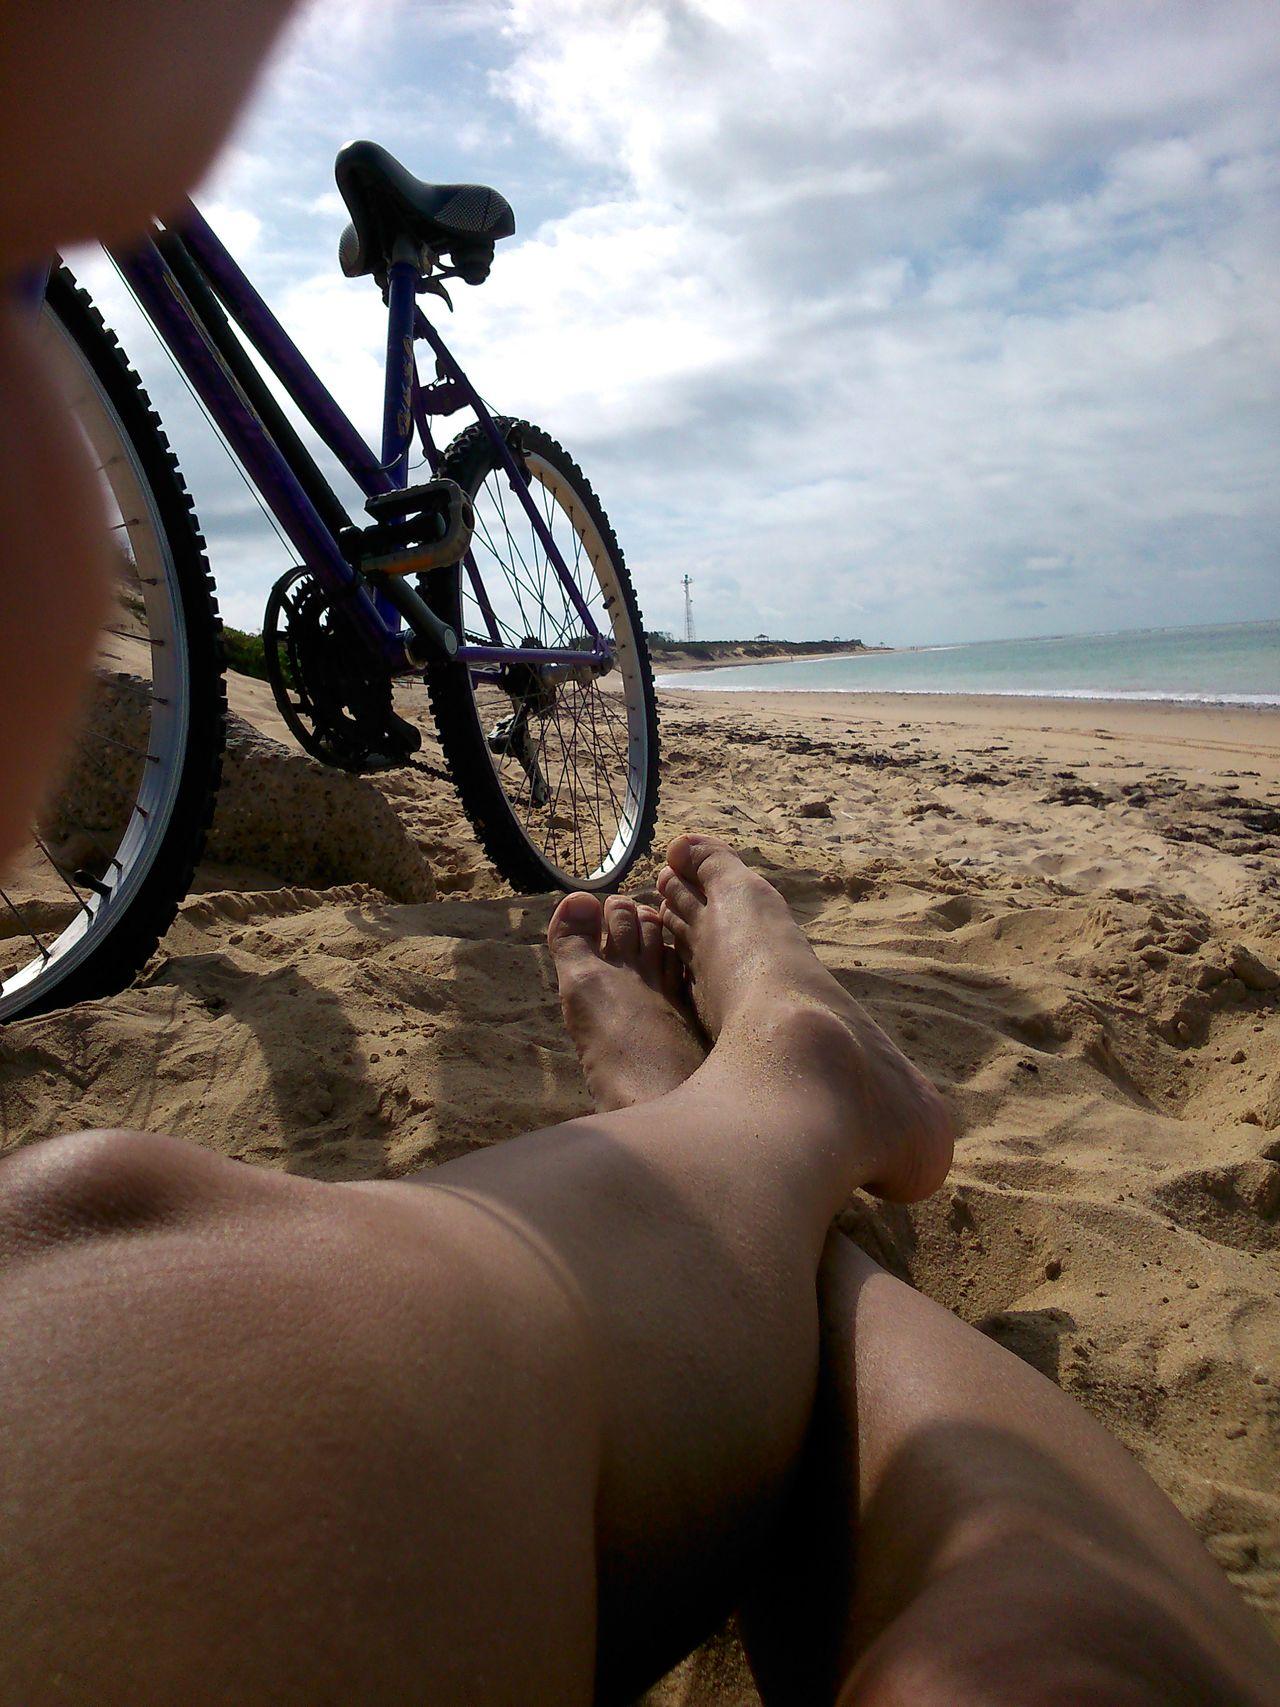 Beautiful stock photos of sunny, Barefoot, Beach, Bicycle, Cloud - Sky